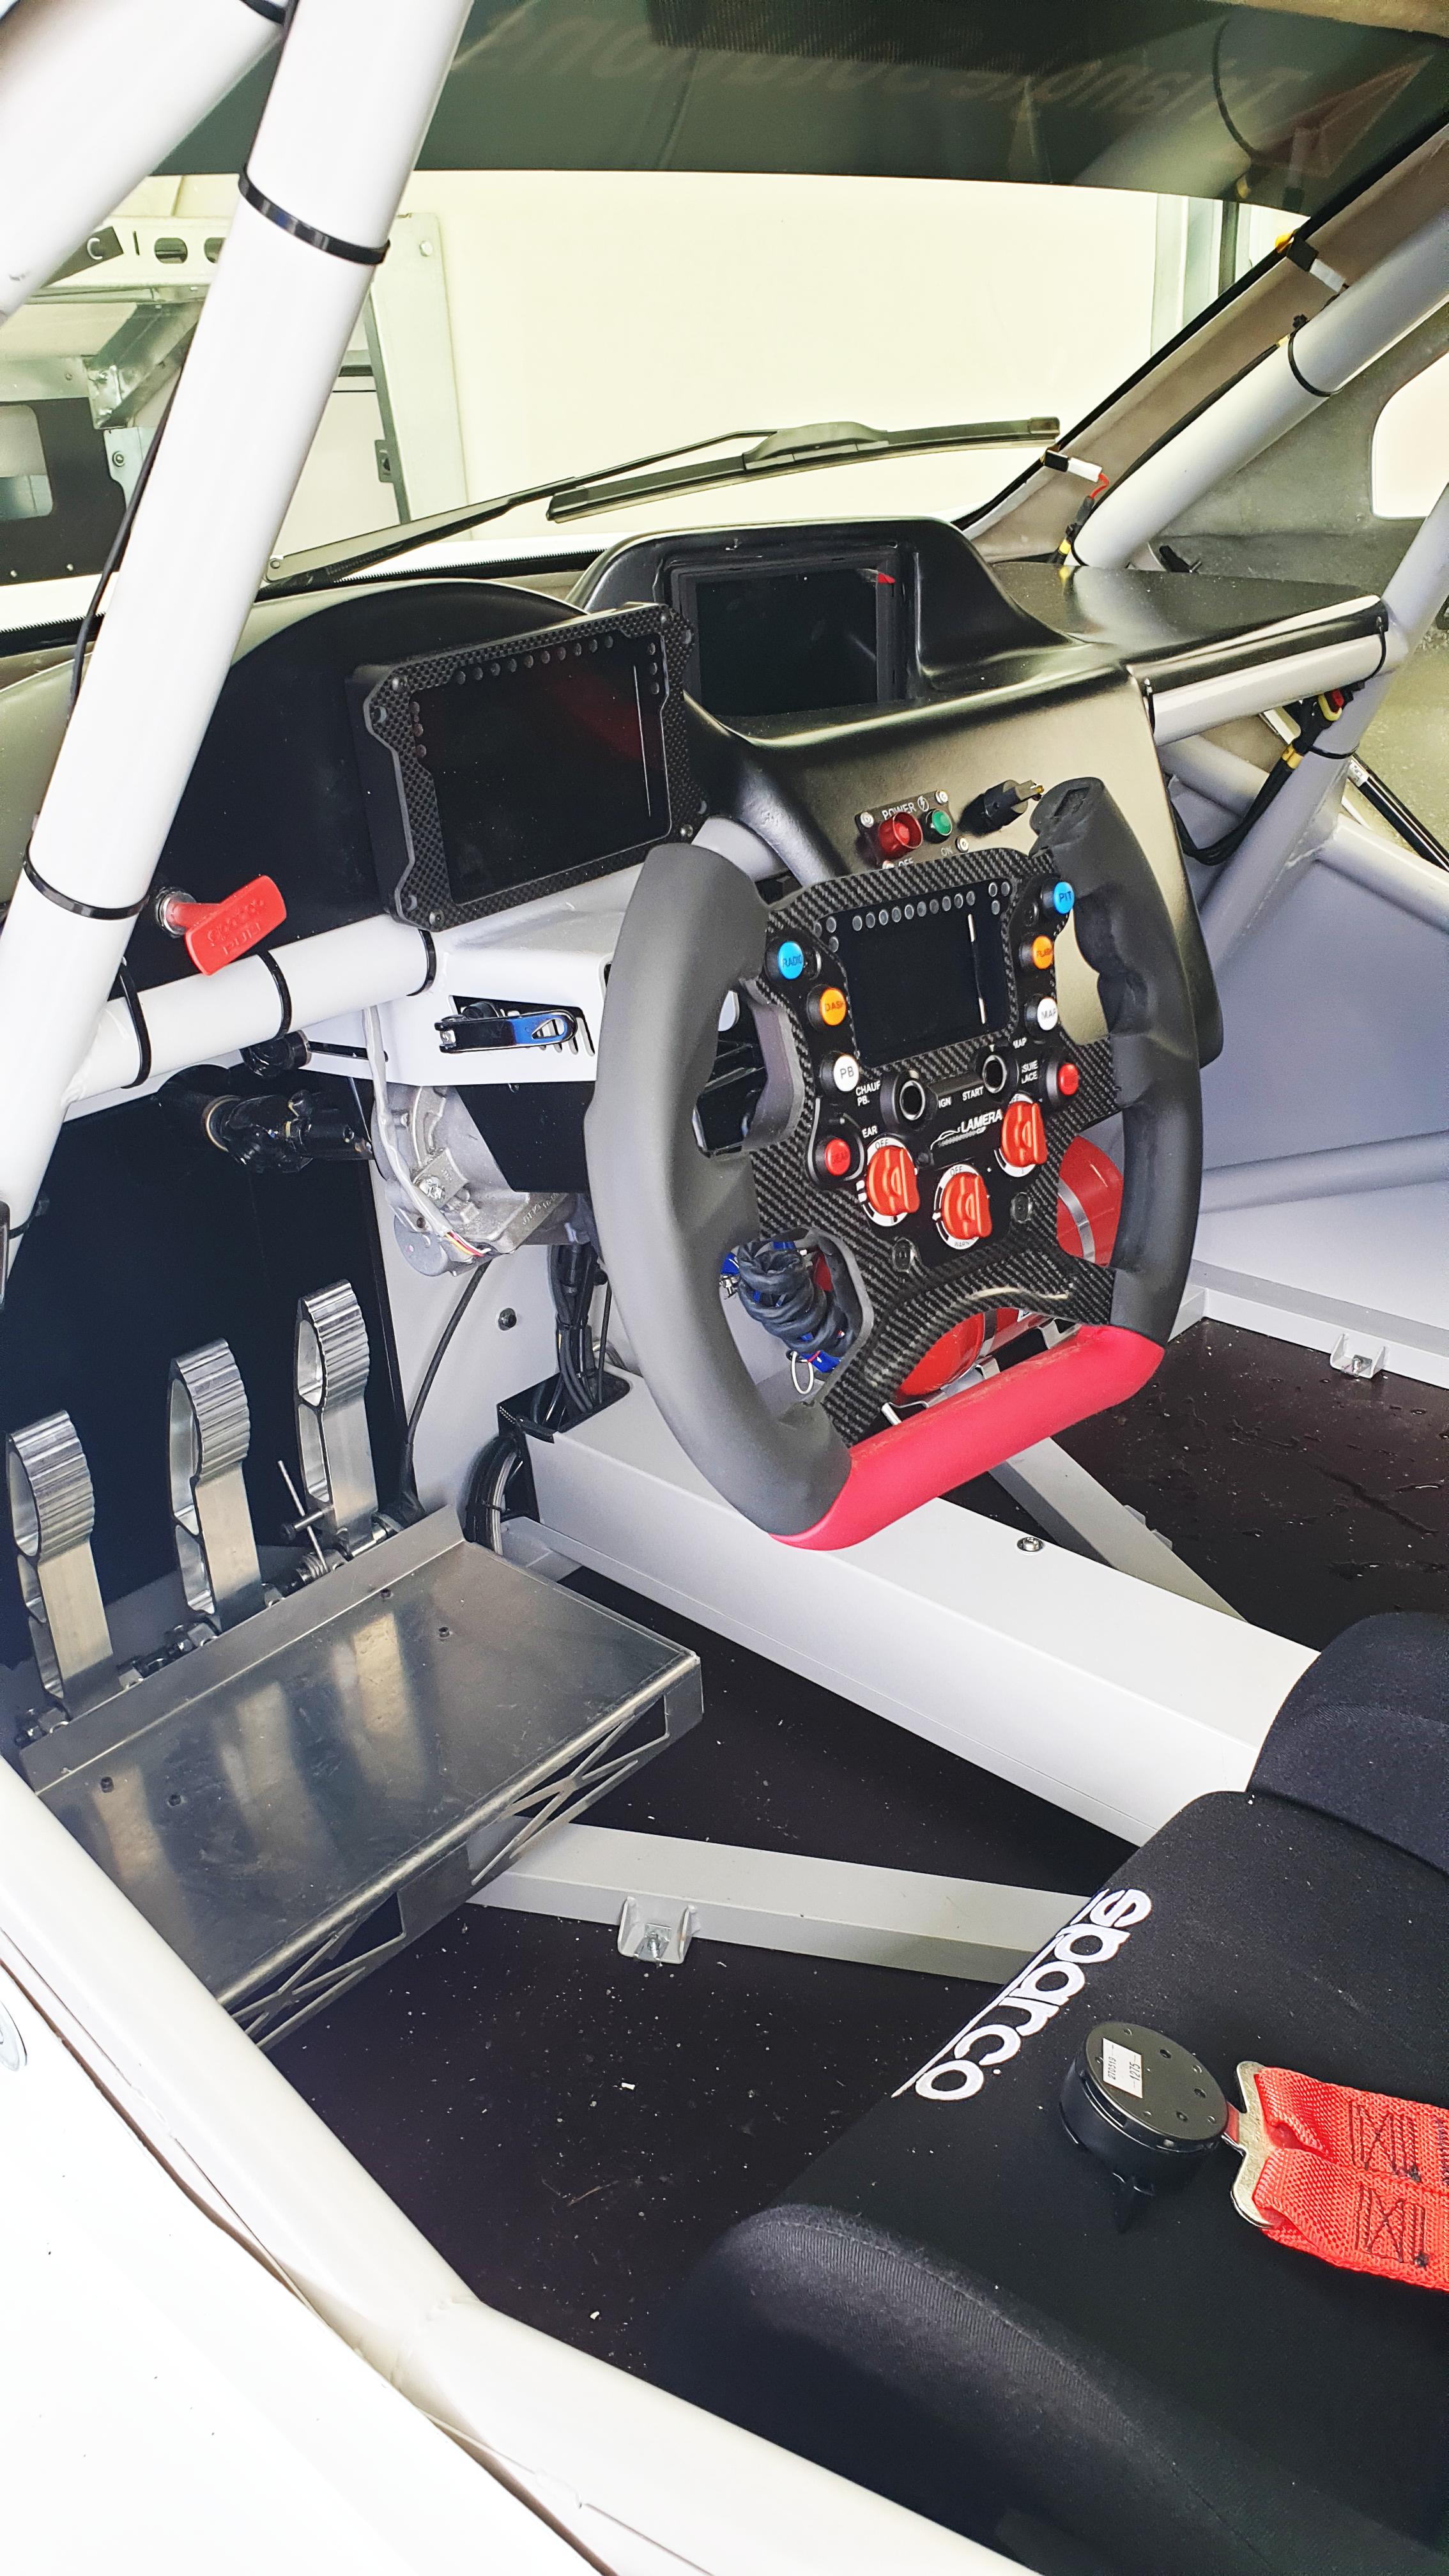 PORSCHE 911 GT3 RS ETIENNE TRANSPORT ET PLUS SPECIALISTE TRANSPORT DE VEHICULE UNITAIRE